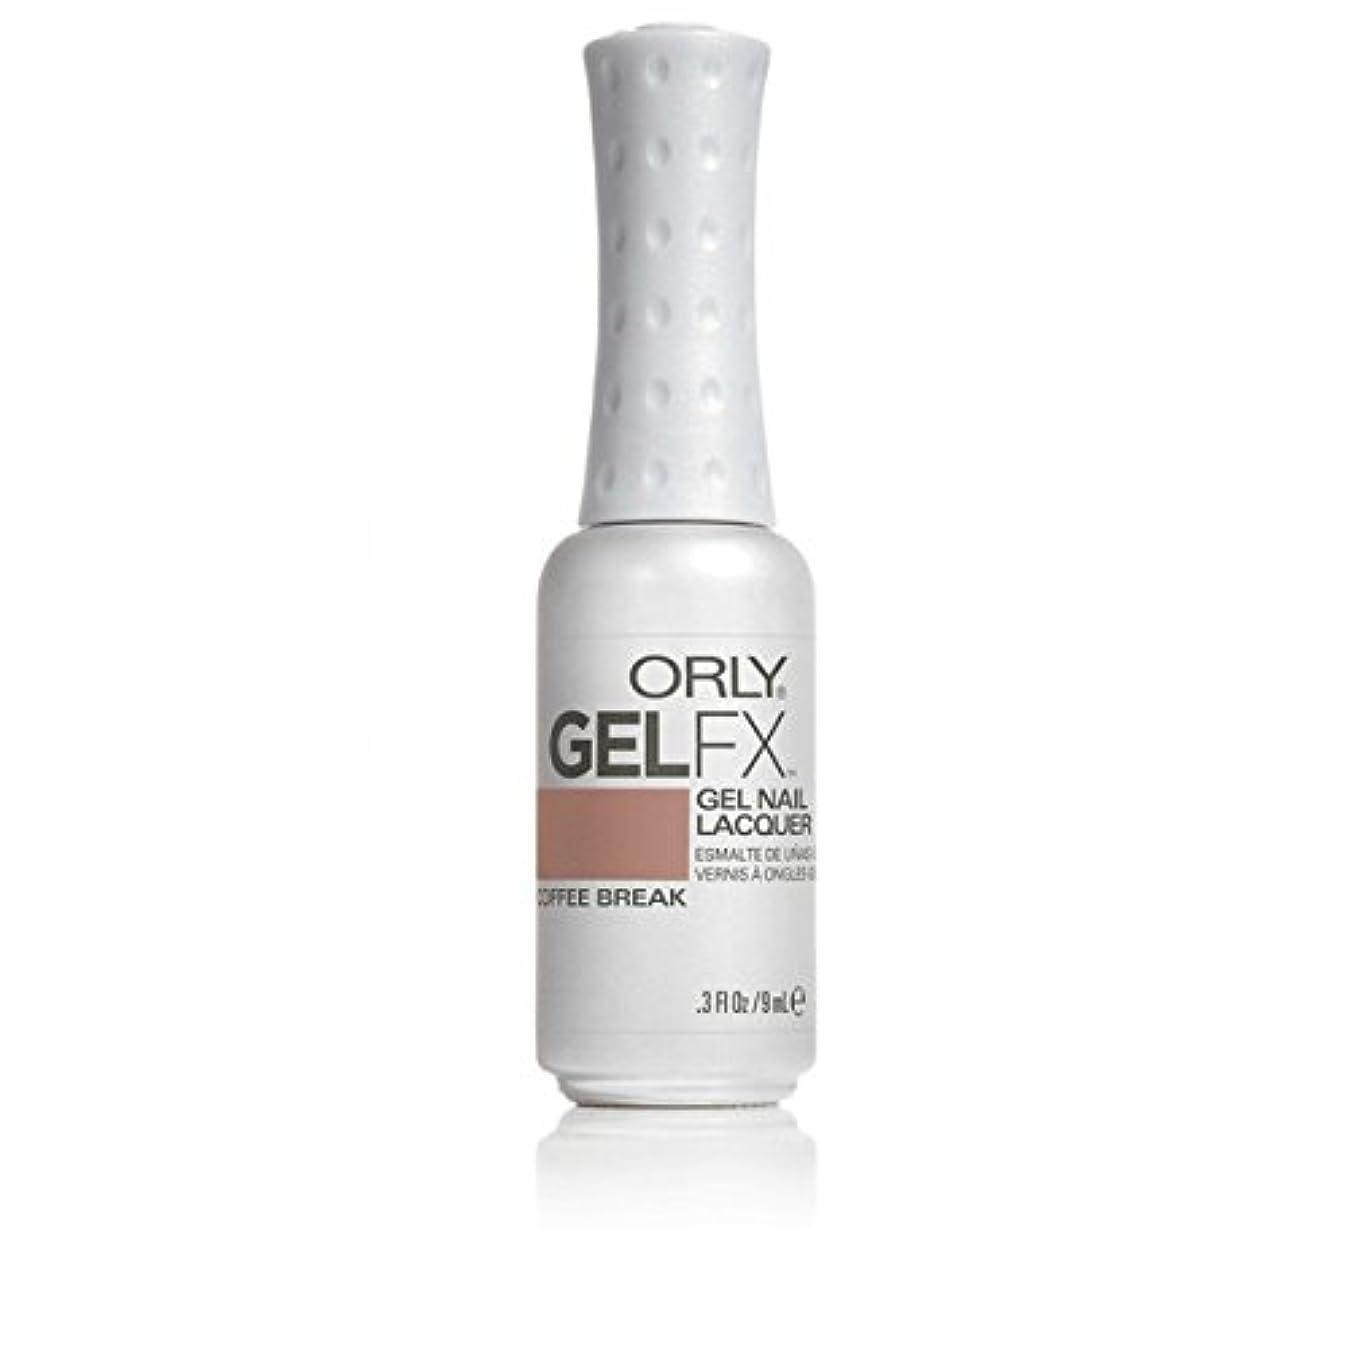 案件無秩序商品ORLY(オーリー)ジェルFXジェルネイルラッカー 9ml コーヒーブレイク#30575